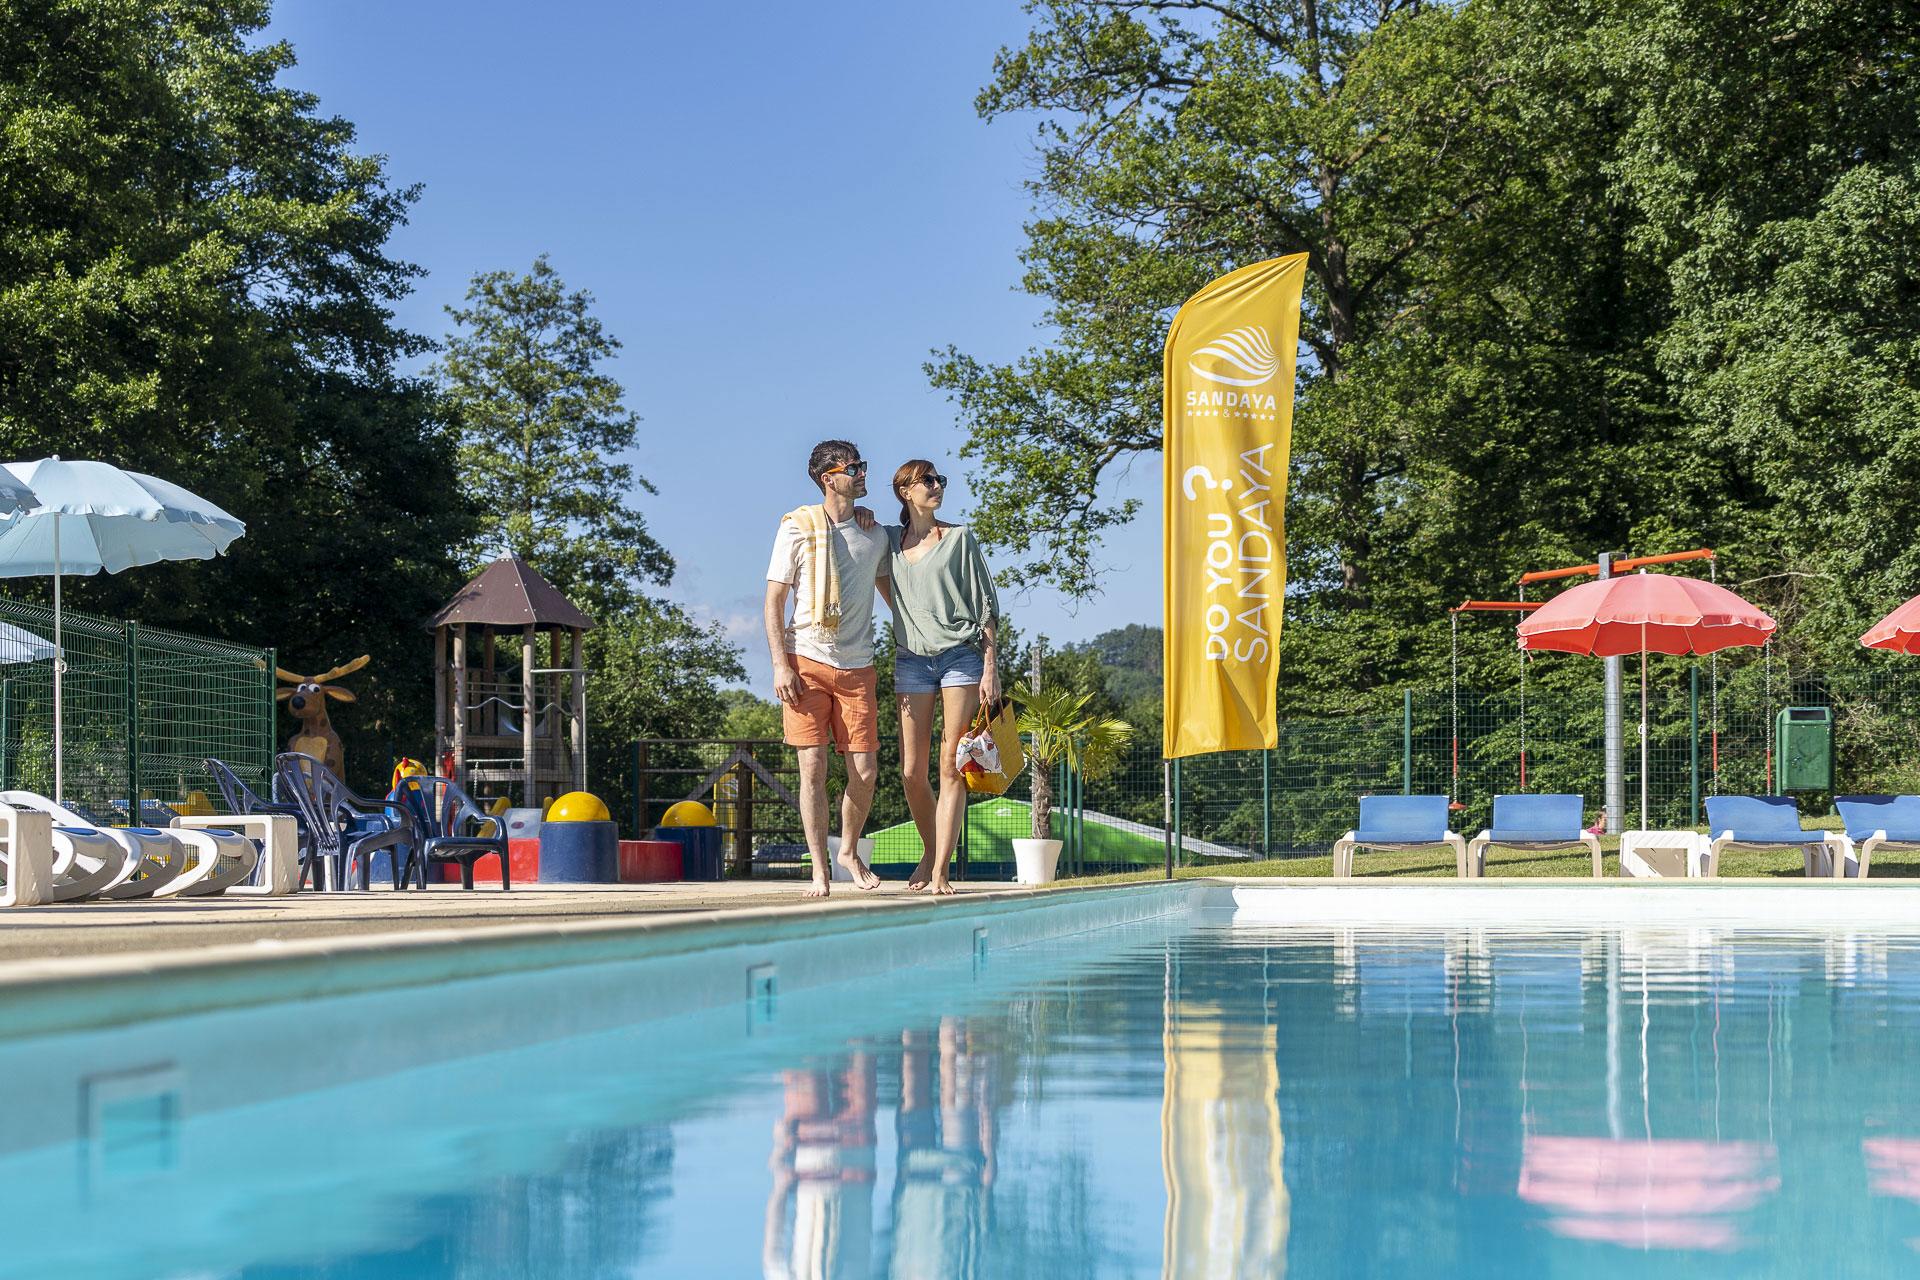 Camping - Parc - La Clusure - Tellin - caravanes - motorhomes - tentes - camping-cars - bungalows - Sanitaires modernes - Epicerie - Restaurant - Café - Terrasse - Piscine - Terrains de jeux - Infrastructures sportives